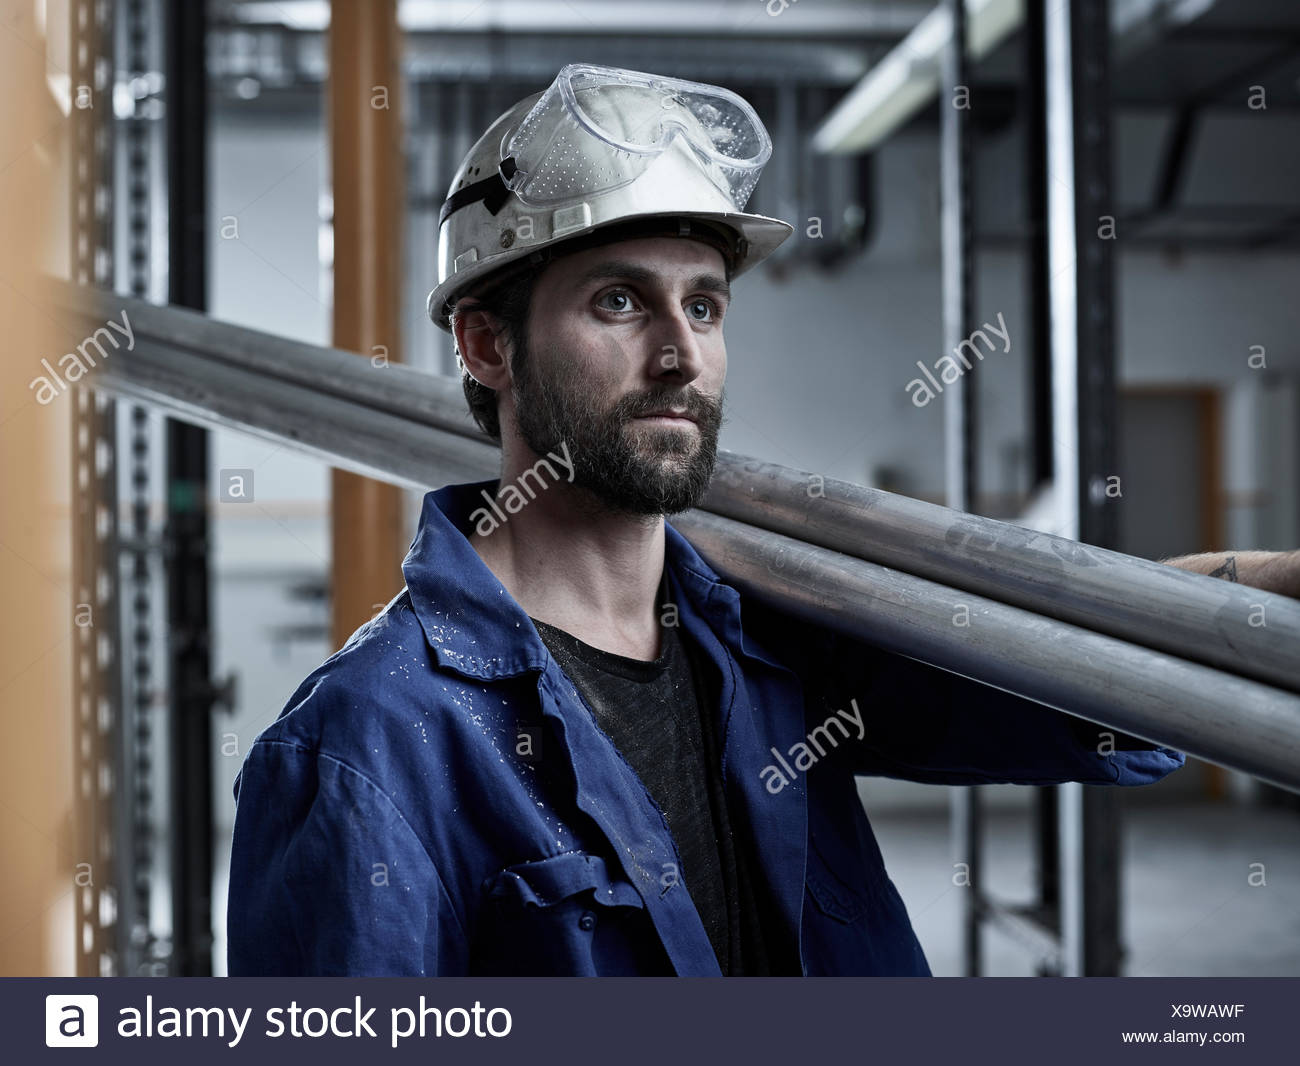 Trabajador mecánico, con cascos y gafas de seguridad llevar tubos en su hombro, Austria Foto de stock